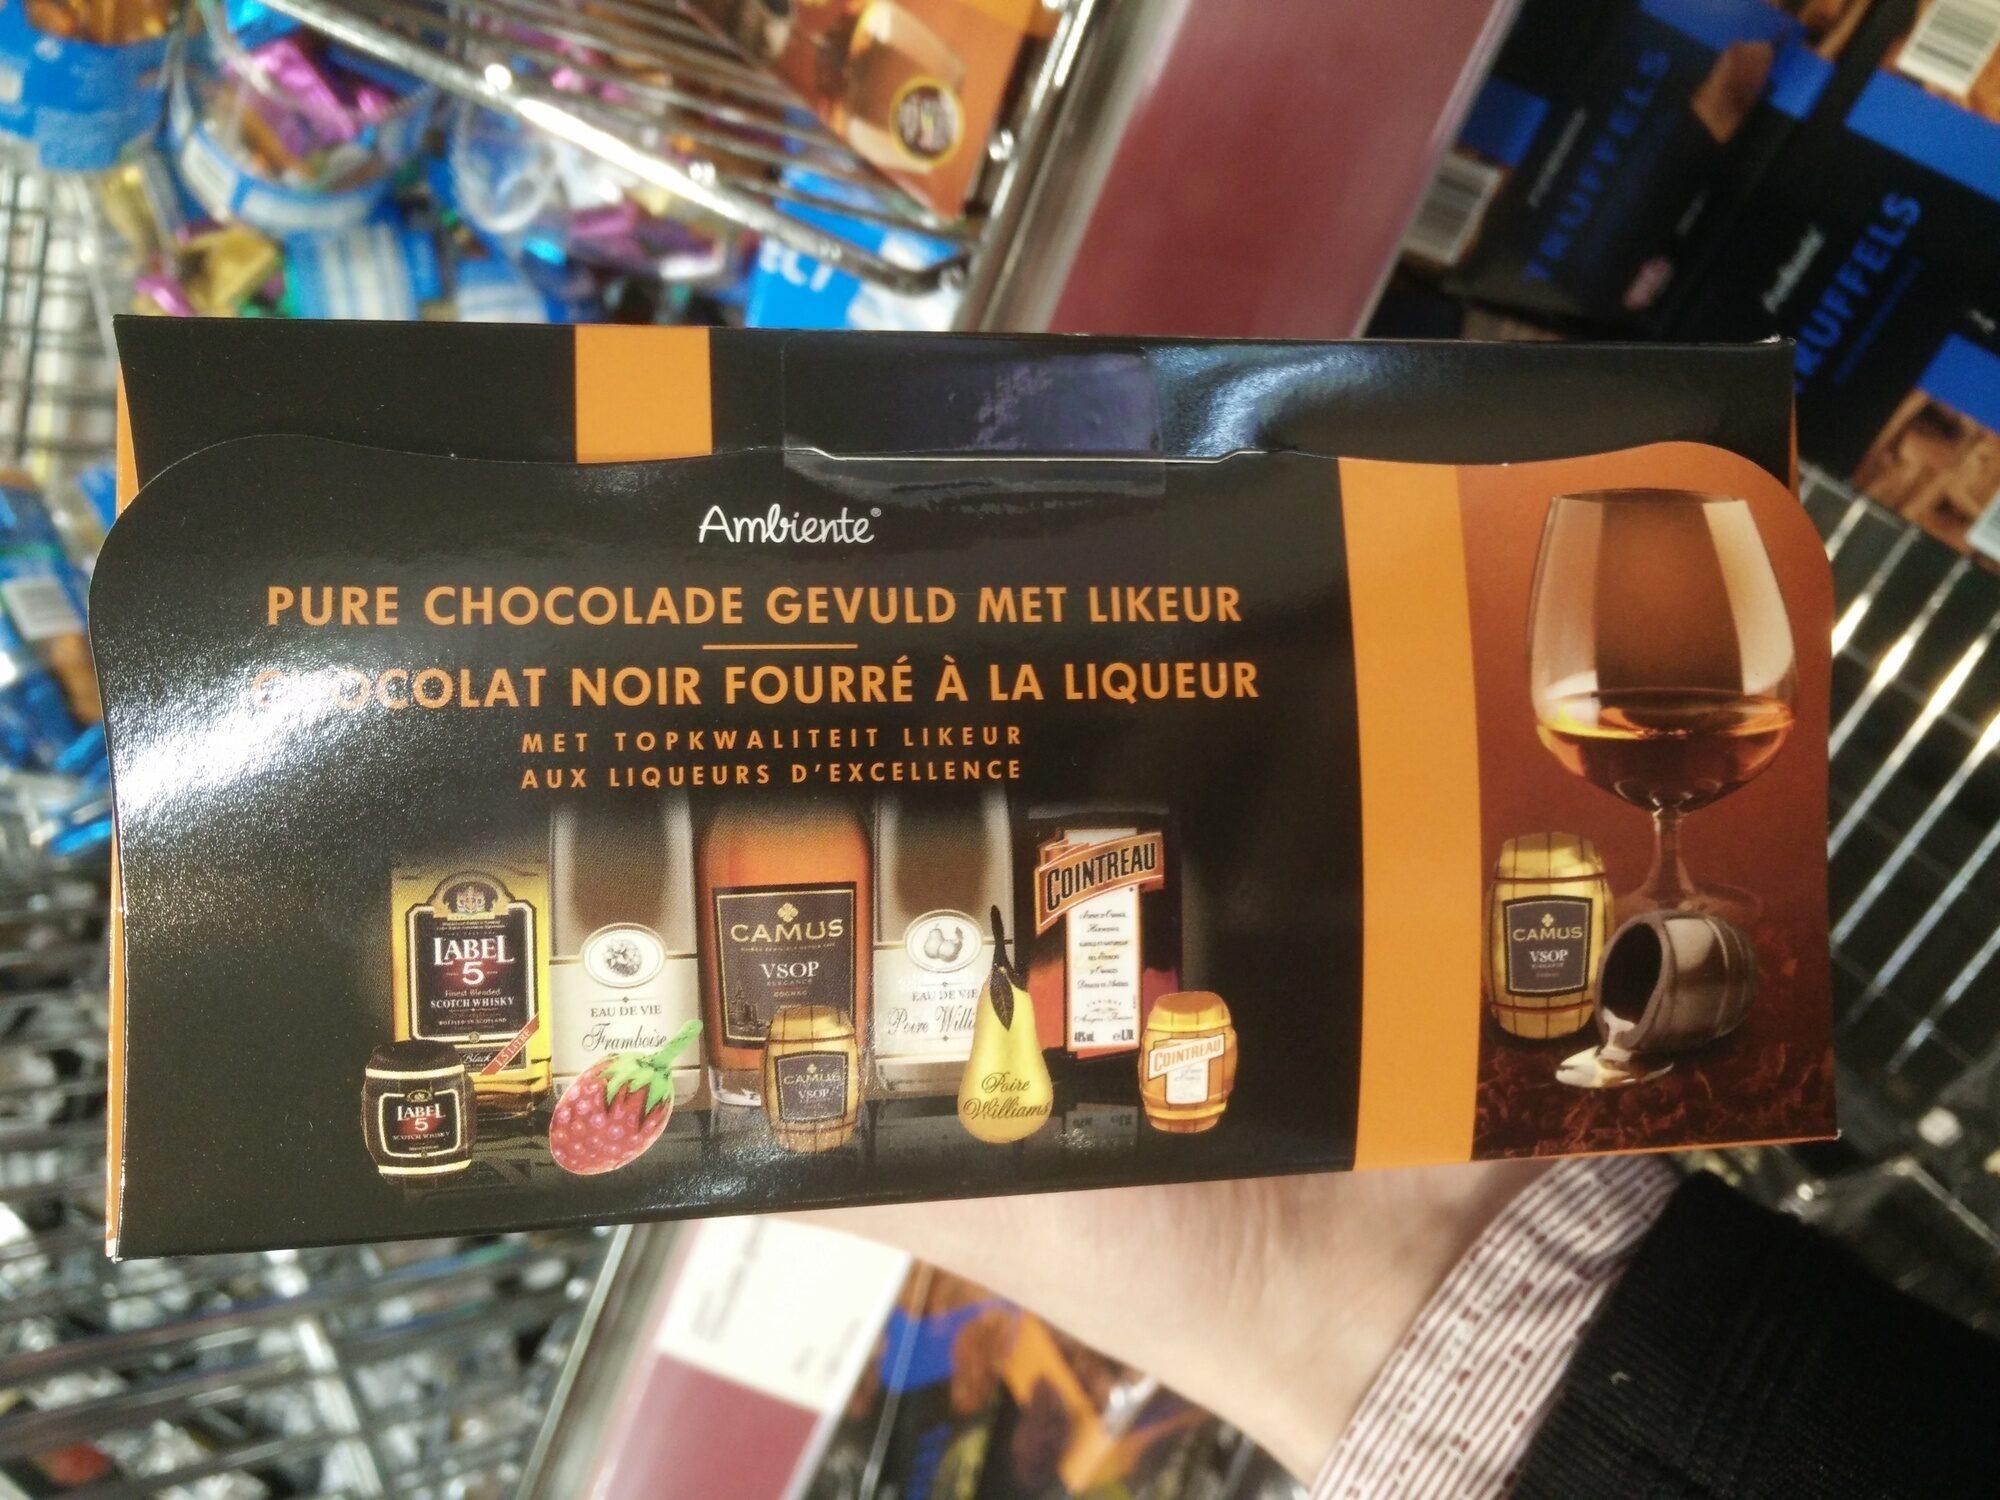 Chocolat noir fourré a la liqueur - Product - es